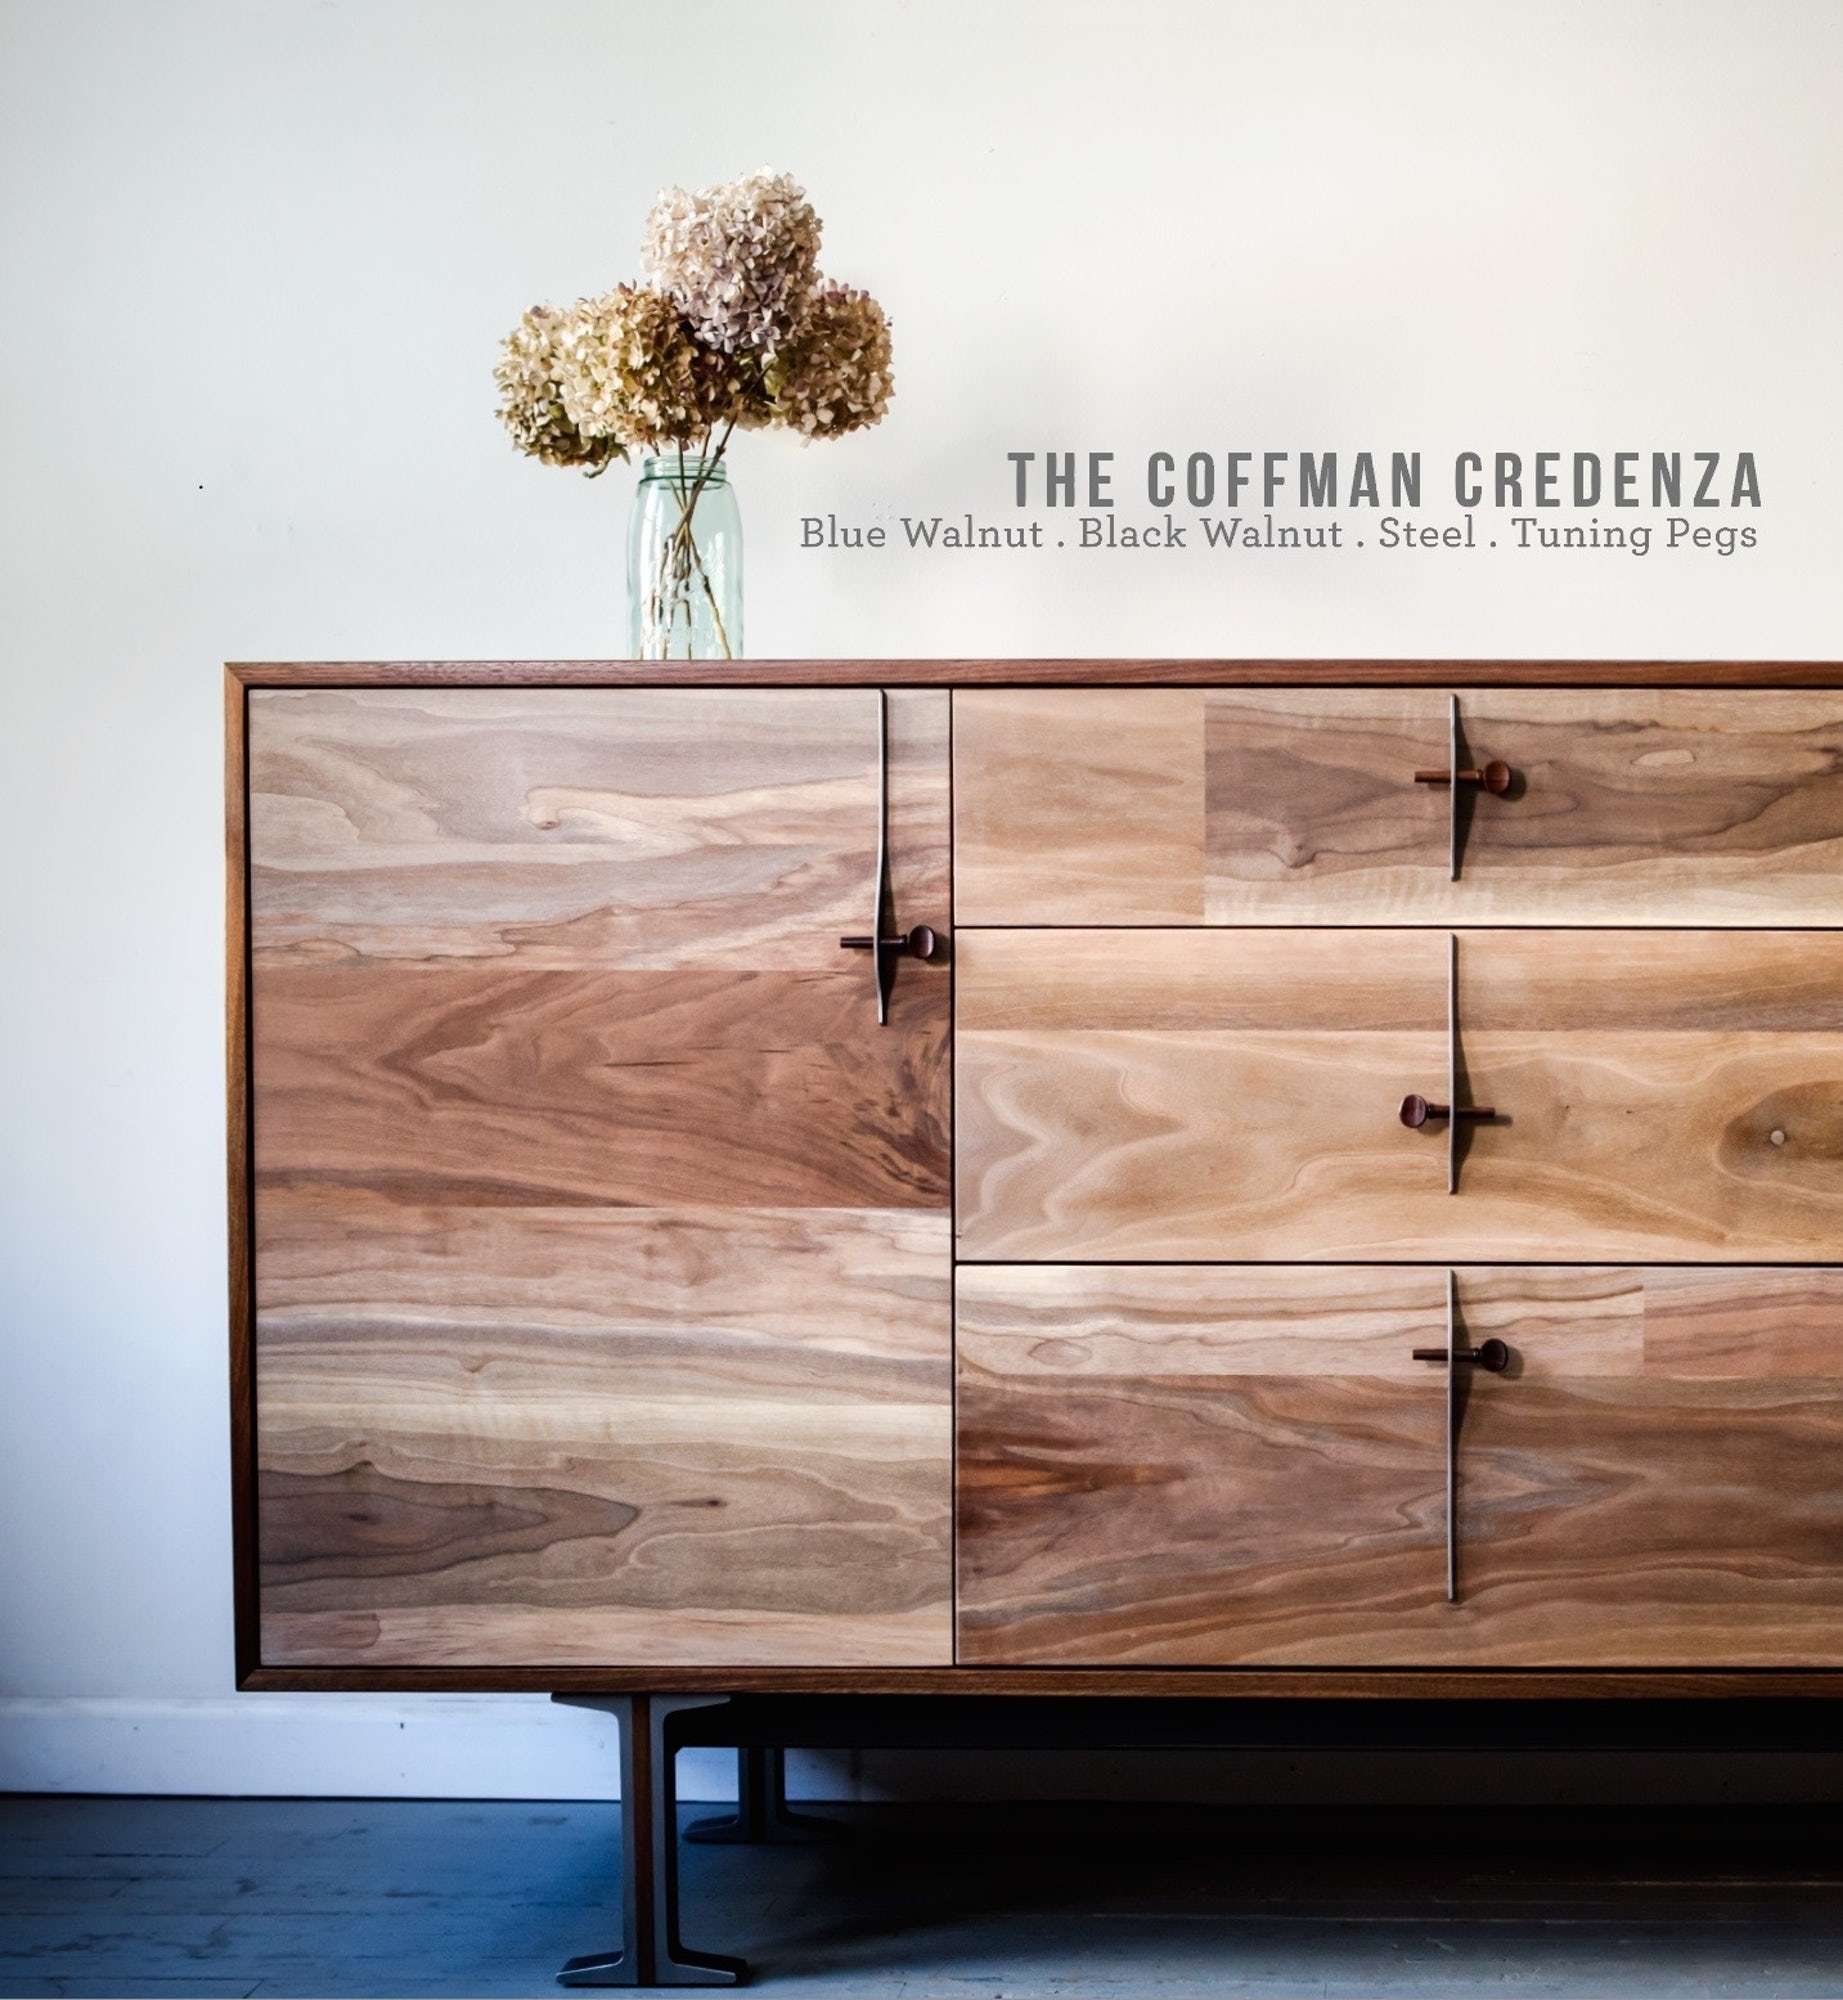 Coffman Credenza